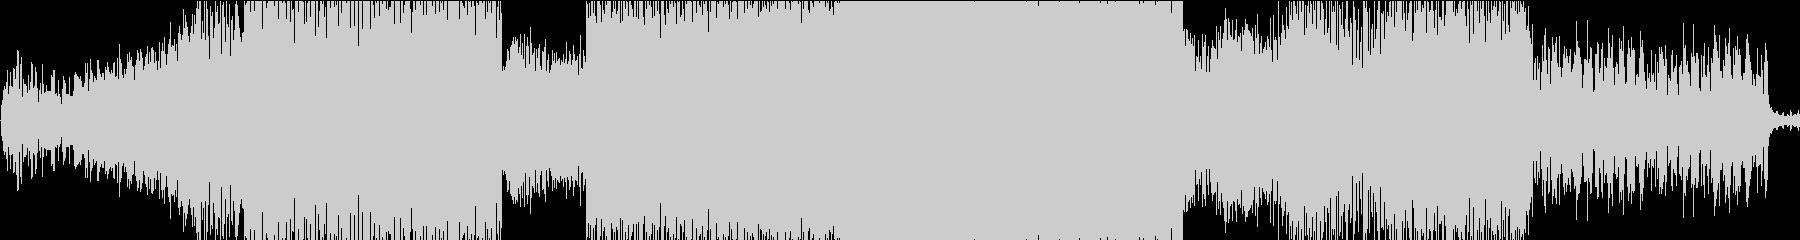 徐々にピアノの曲。シンフォニー70...の未再生の波形